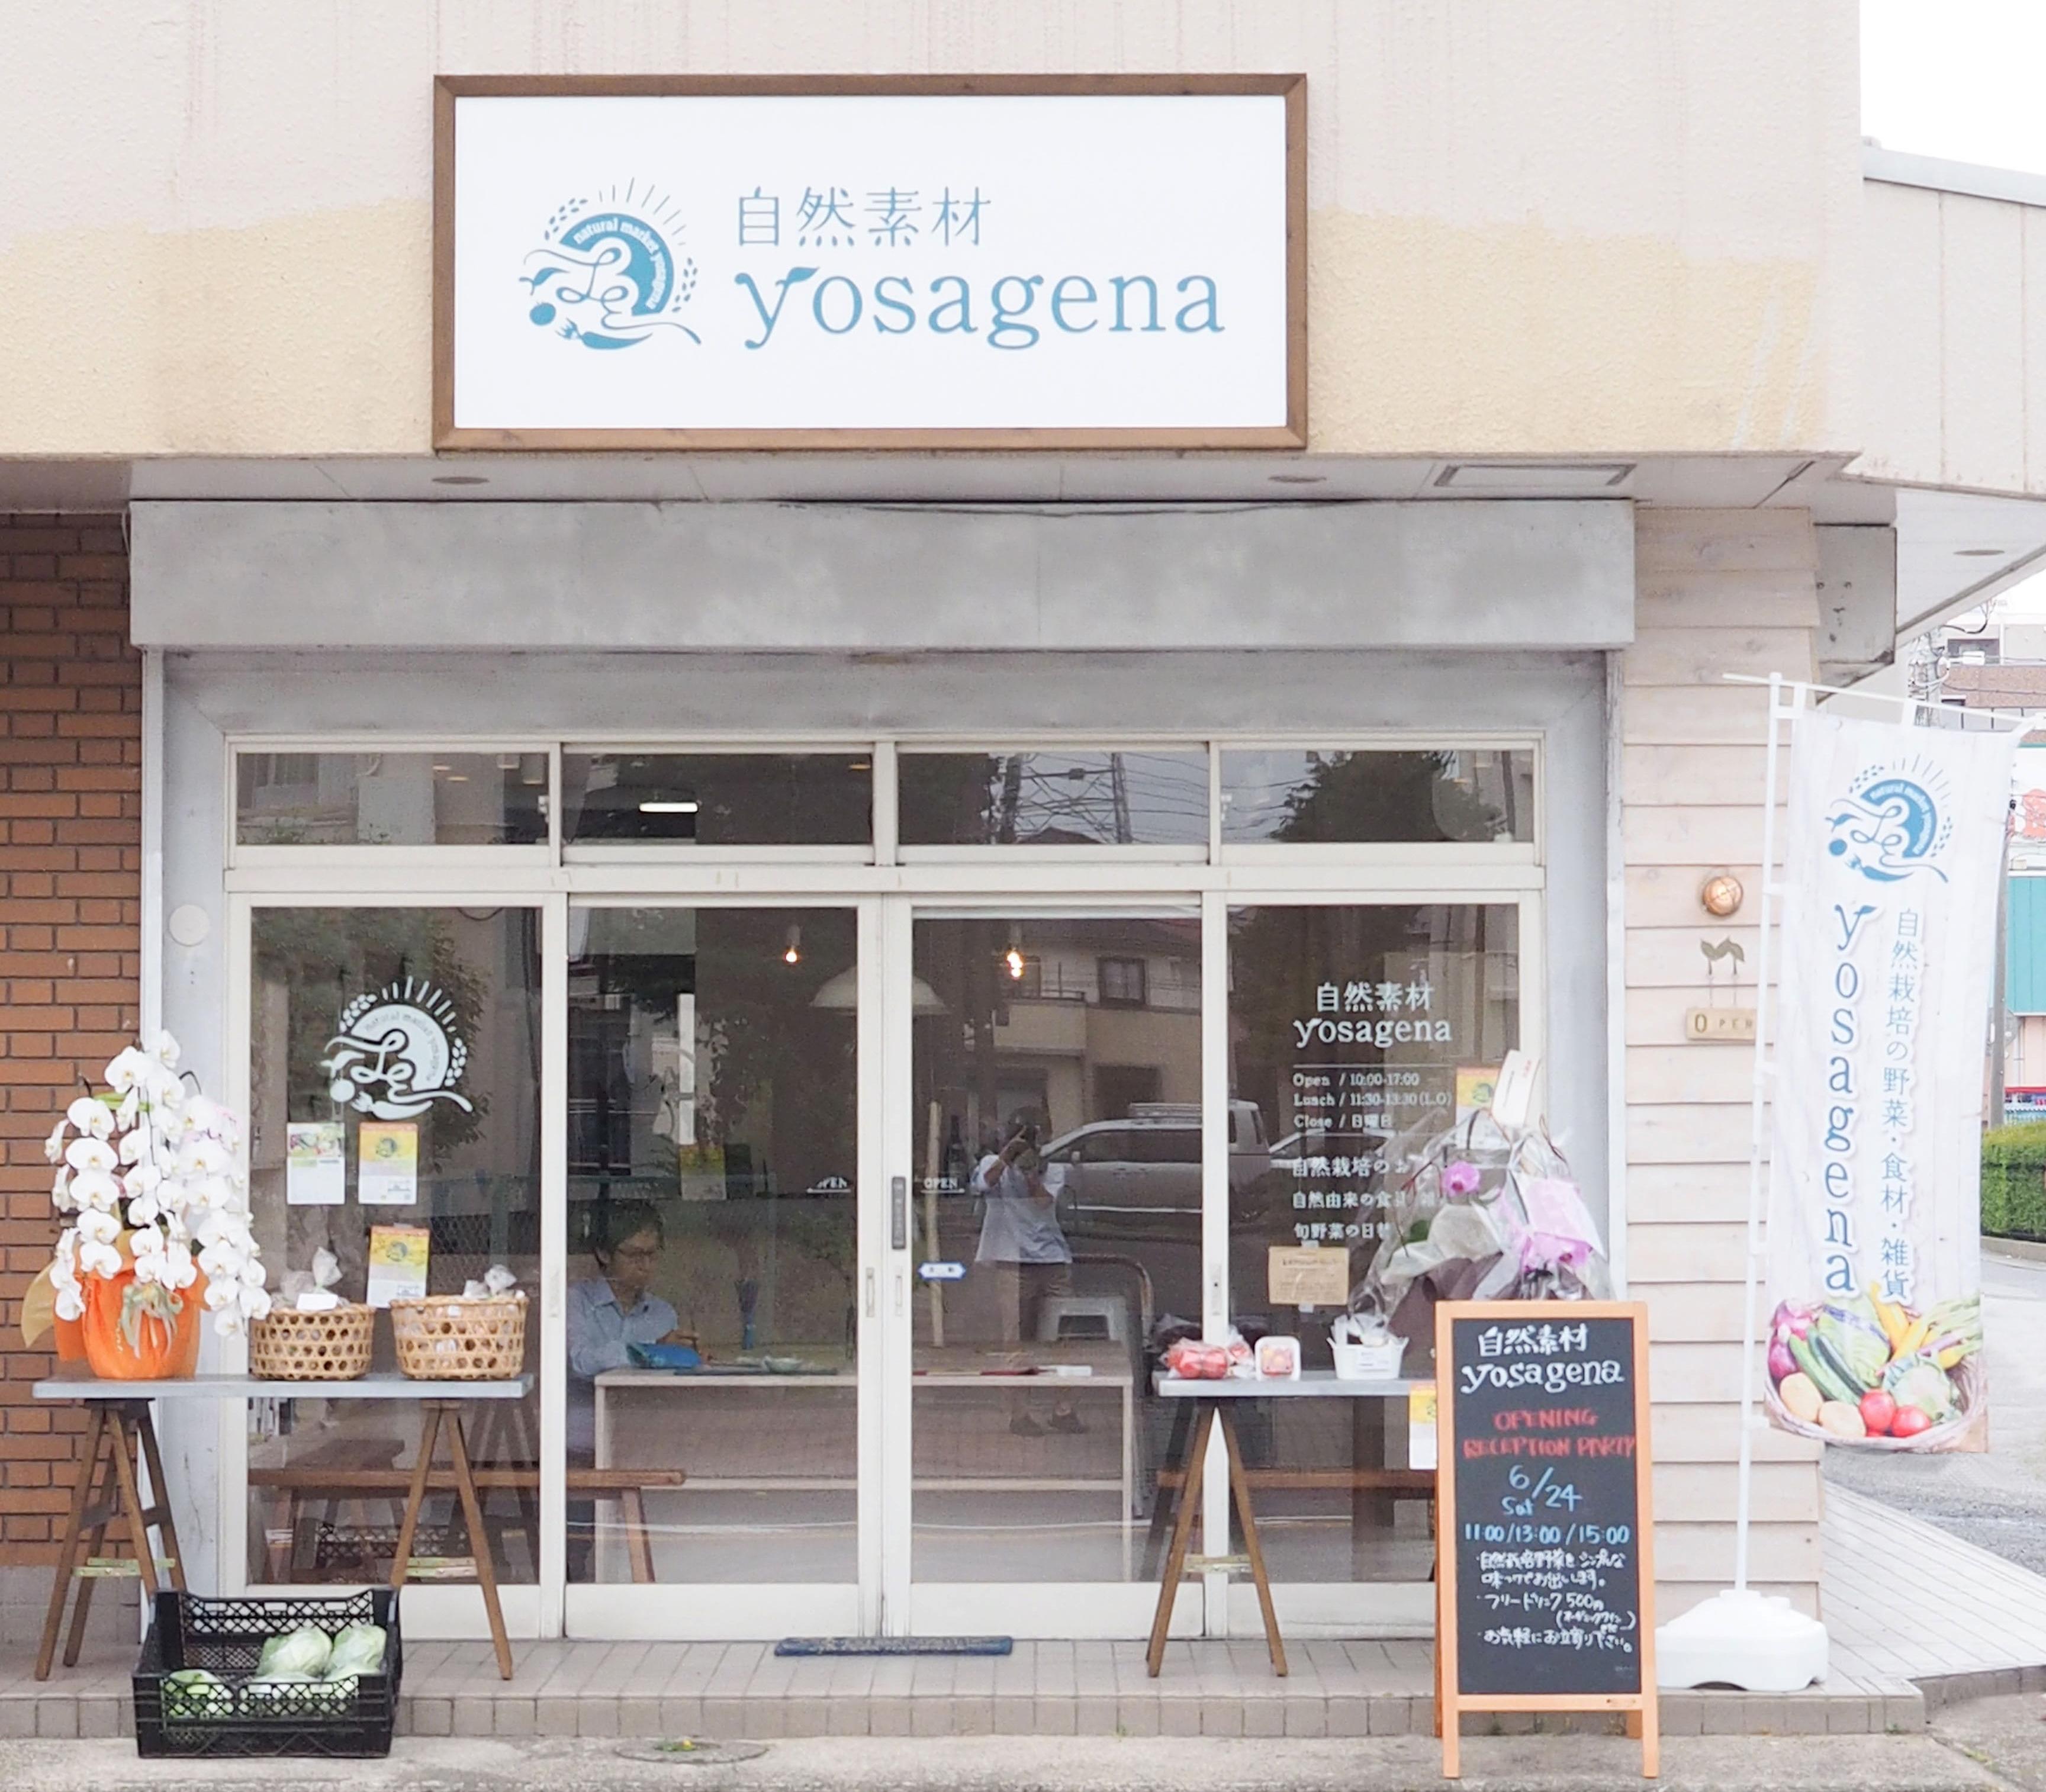 yosagena ロゴ・看板